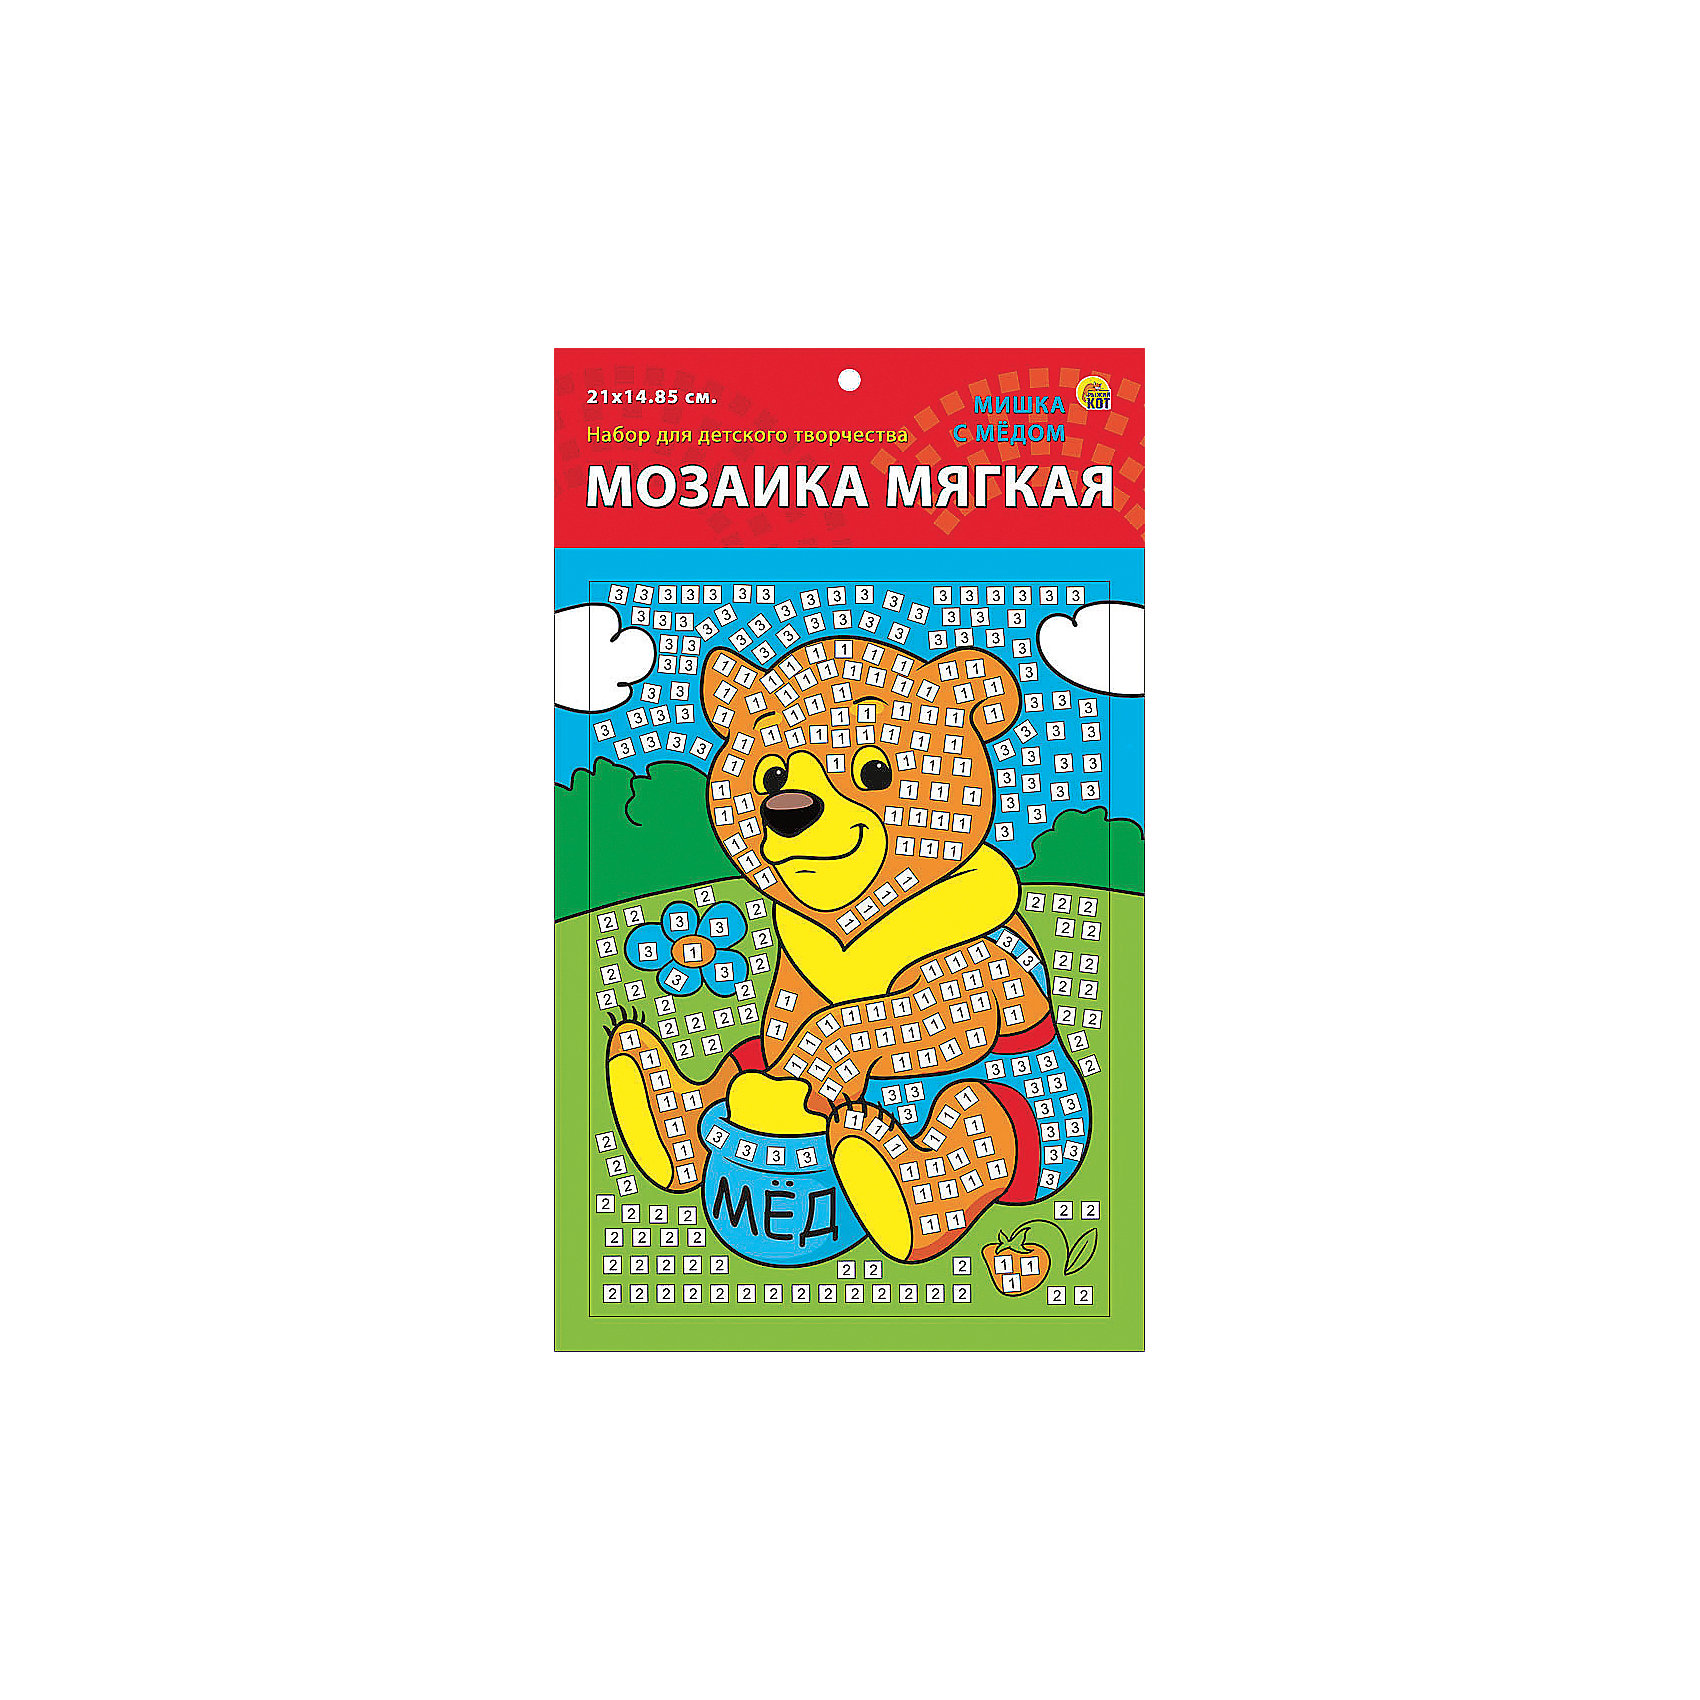 Издательство Рыжий кот Мягкая мозаика Мишка с медом формат А5 (21х15 см) издательство рыжий кот мягкая мозаика обезьянка формат а5 21х15 см